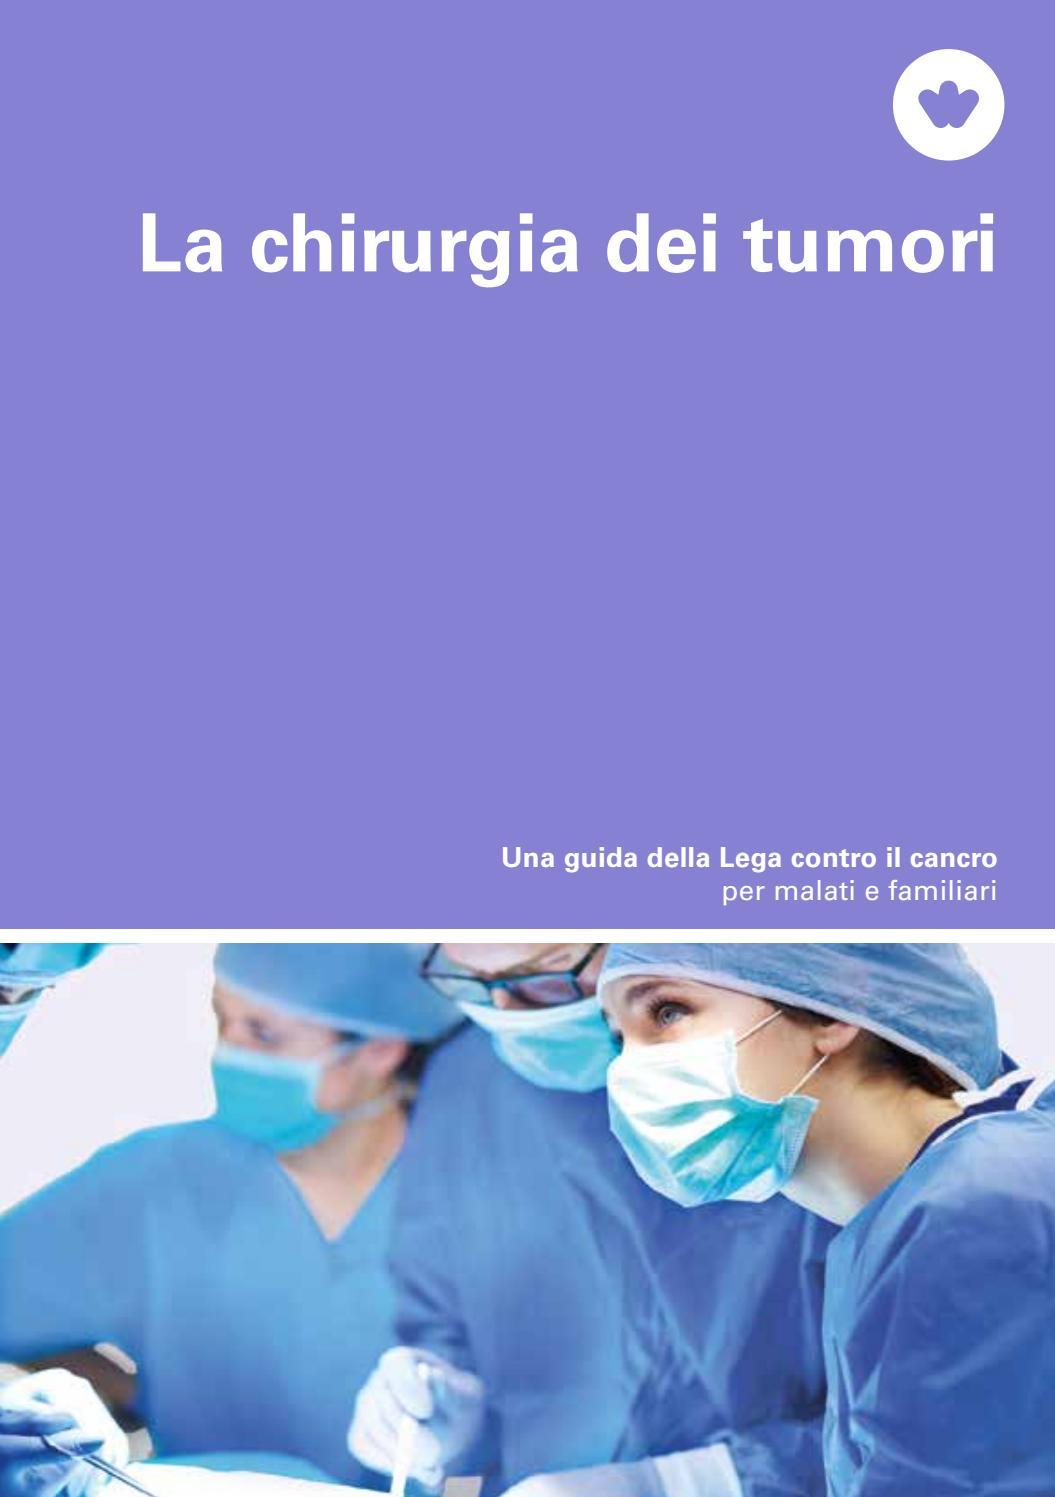 forum di chirurgia del pene)